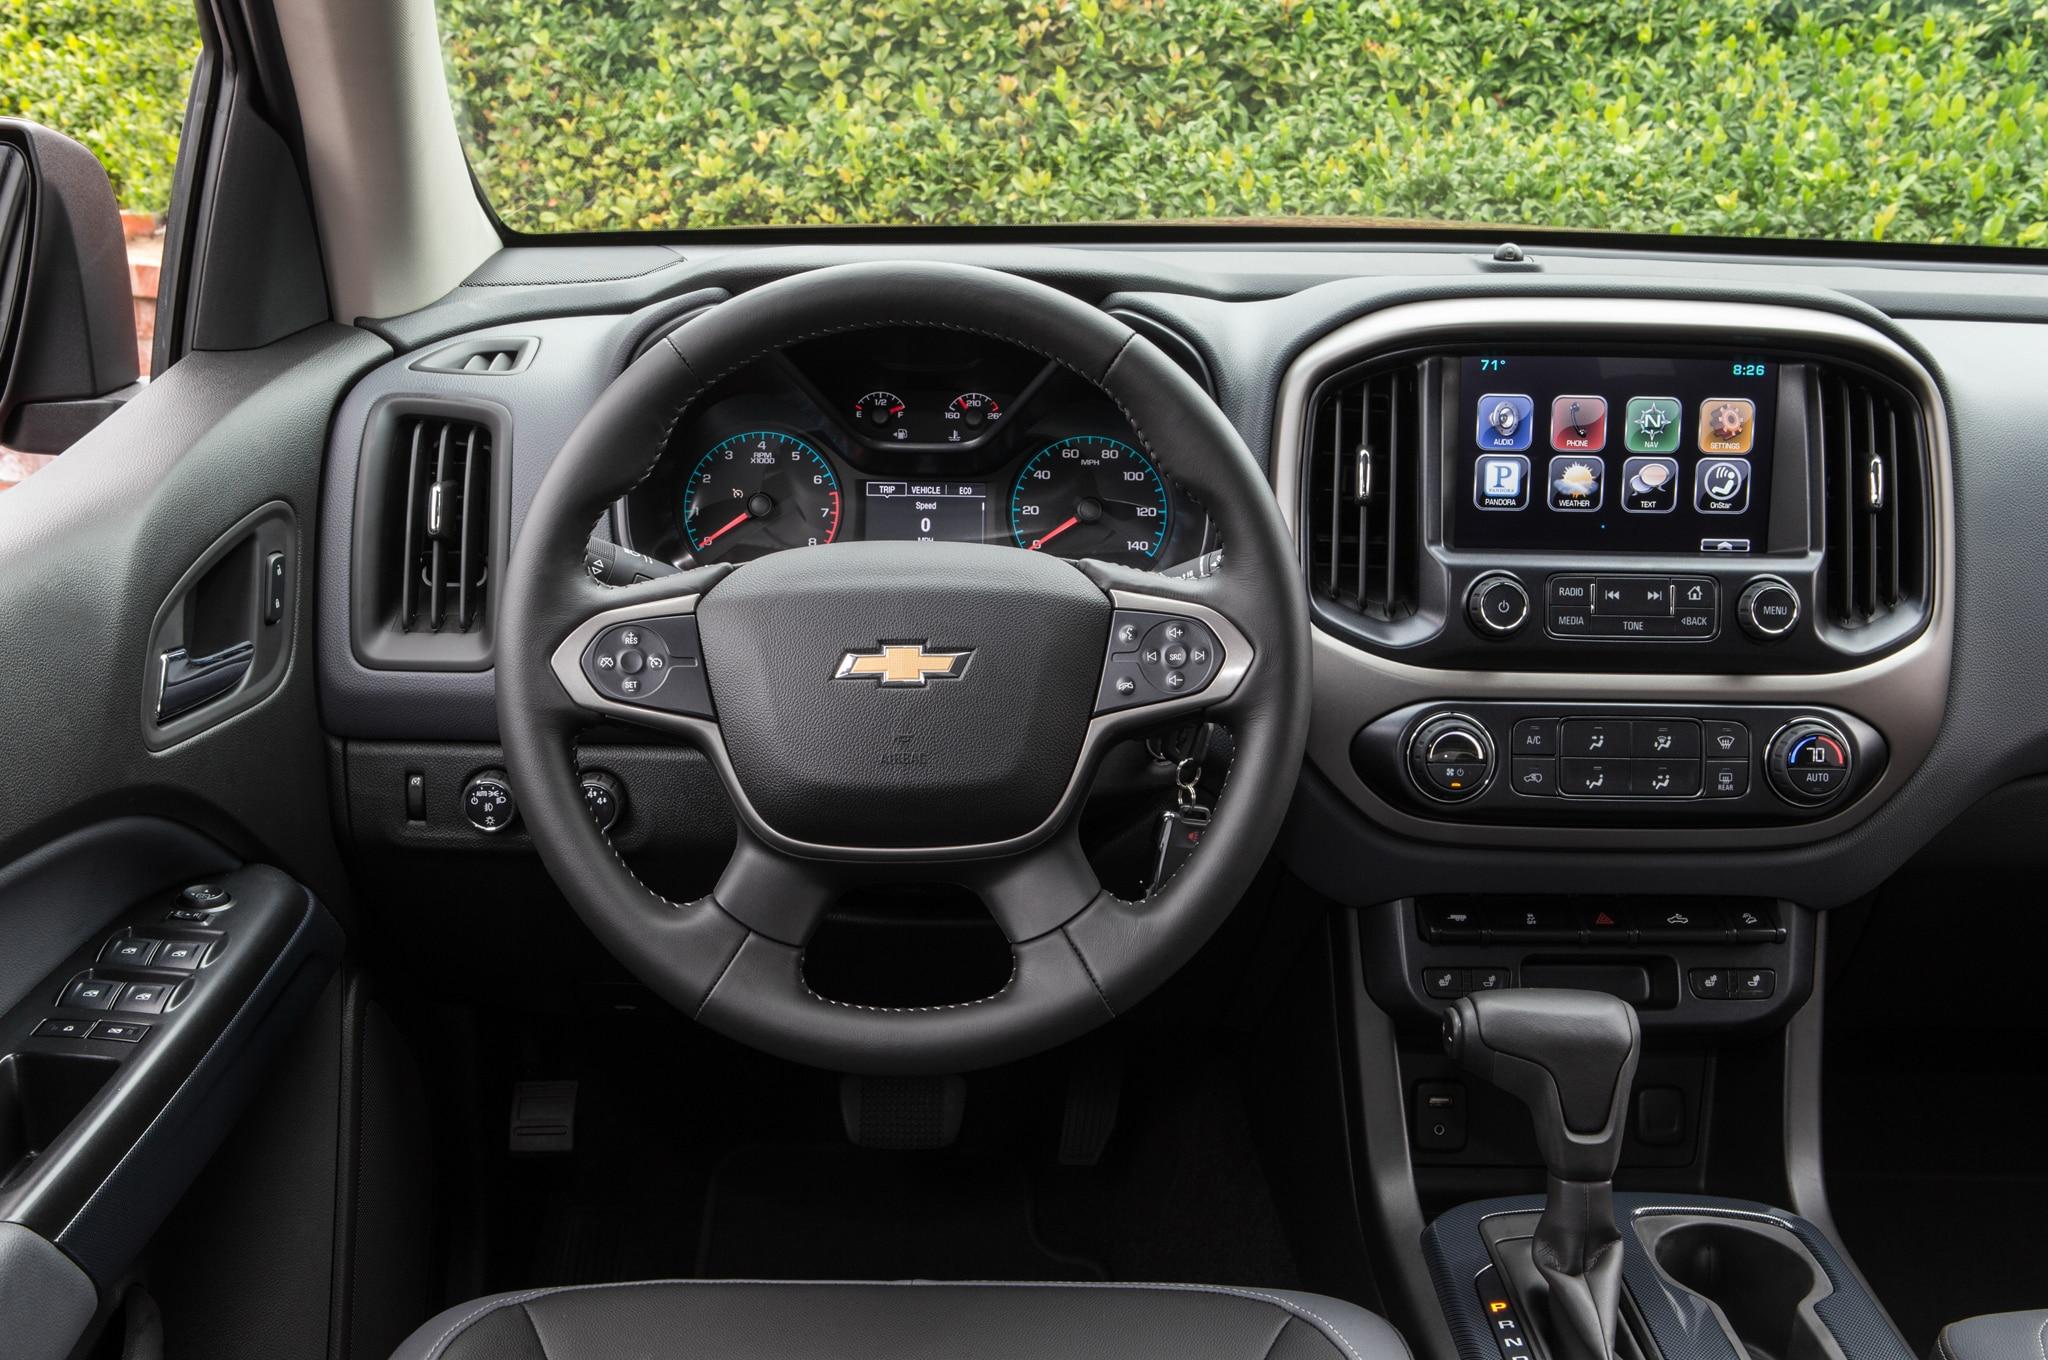 2015 Chevrolet Colorado. 19|250